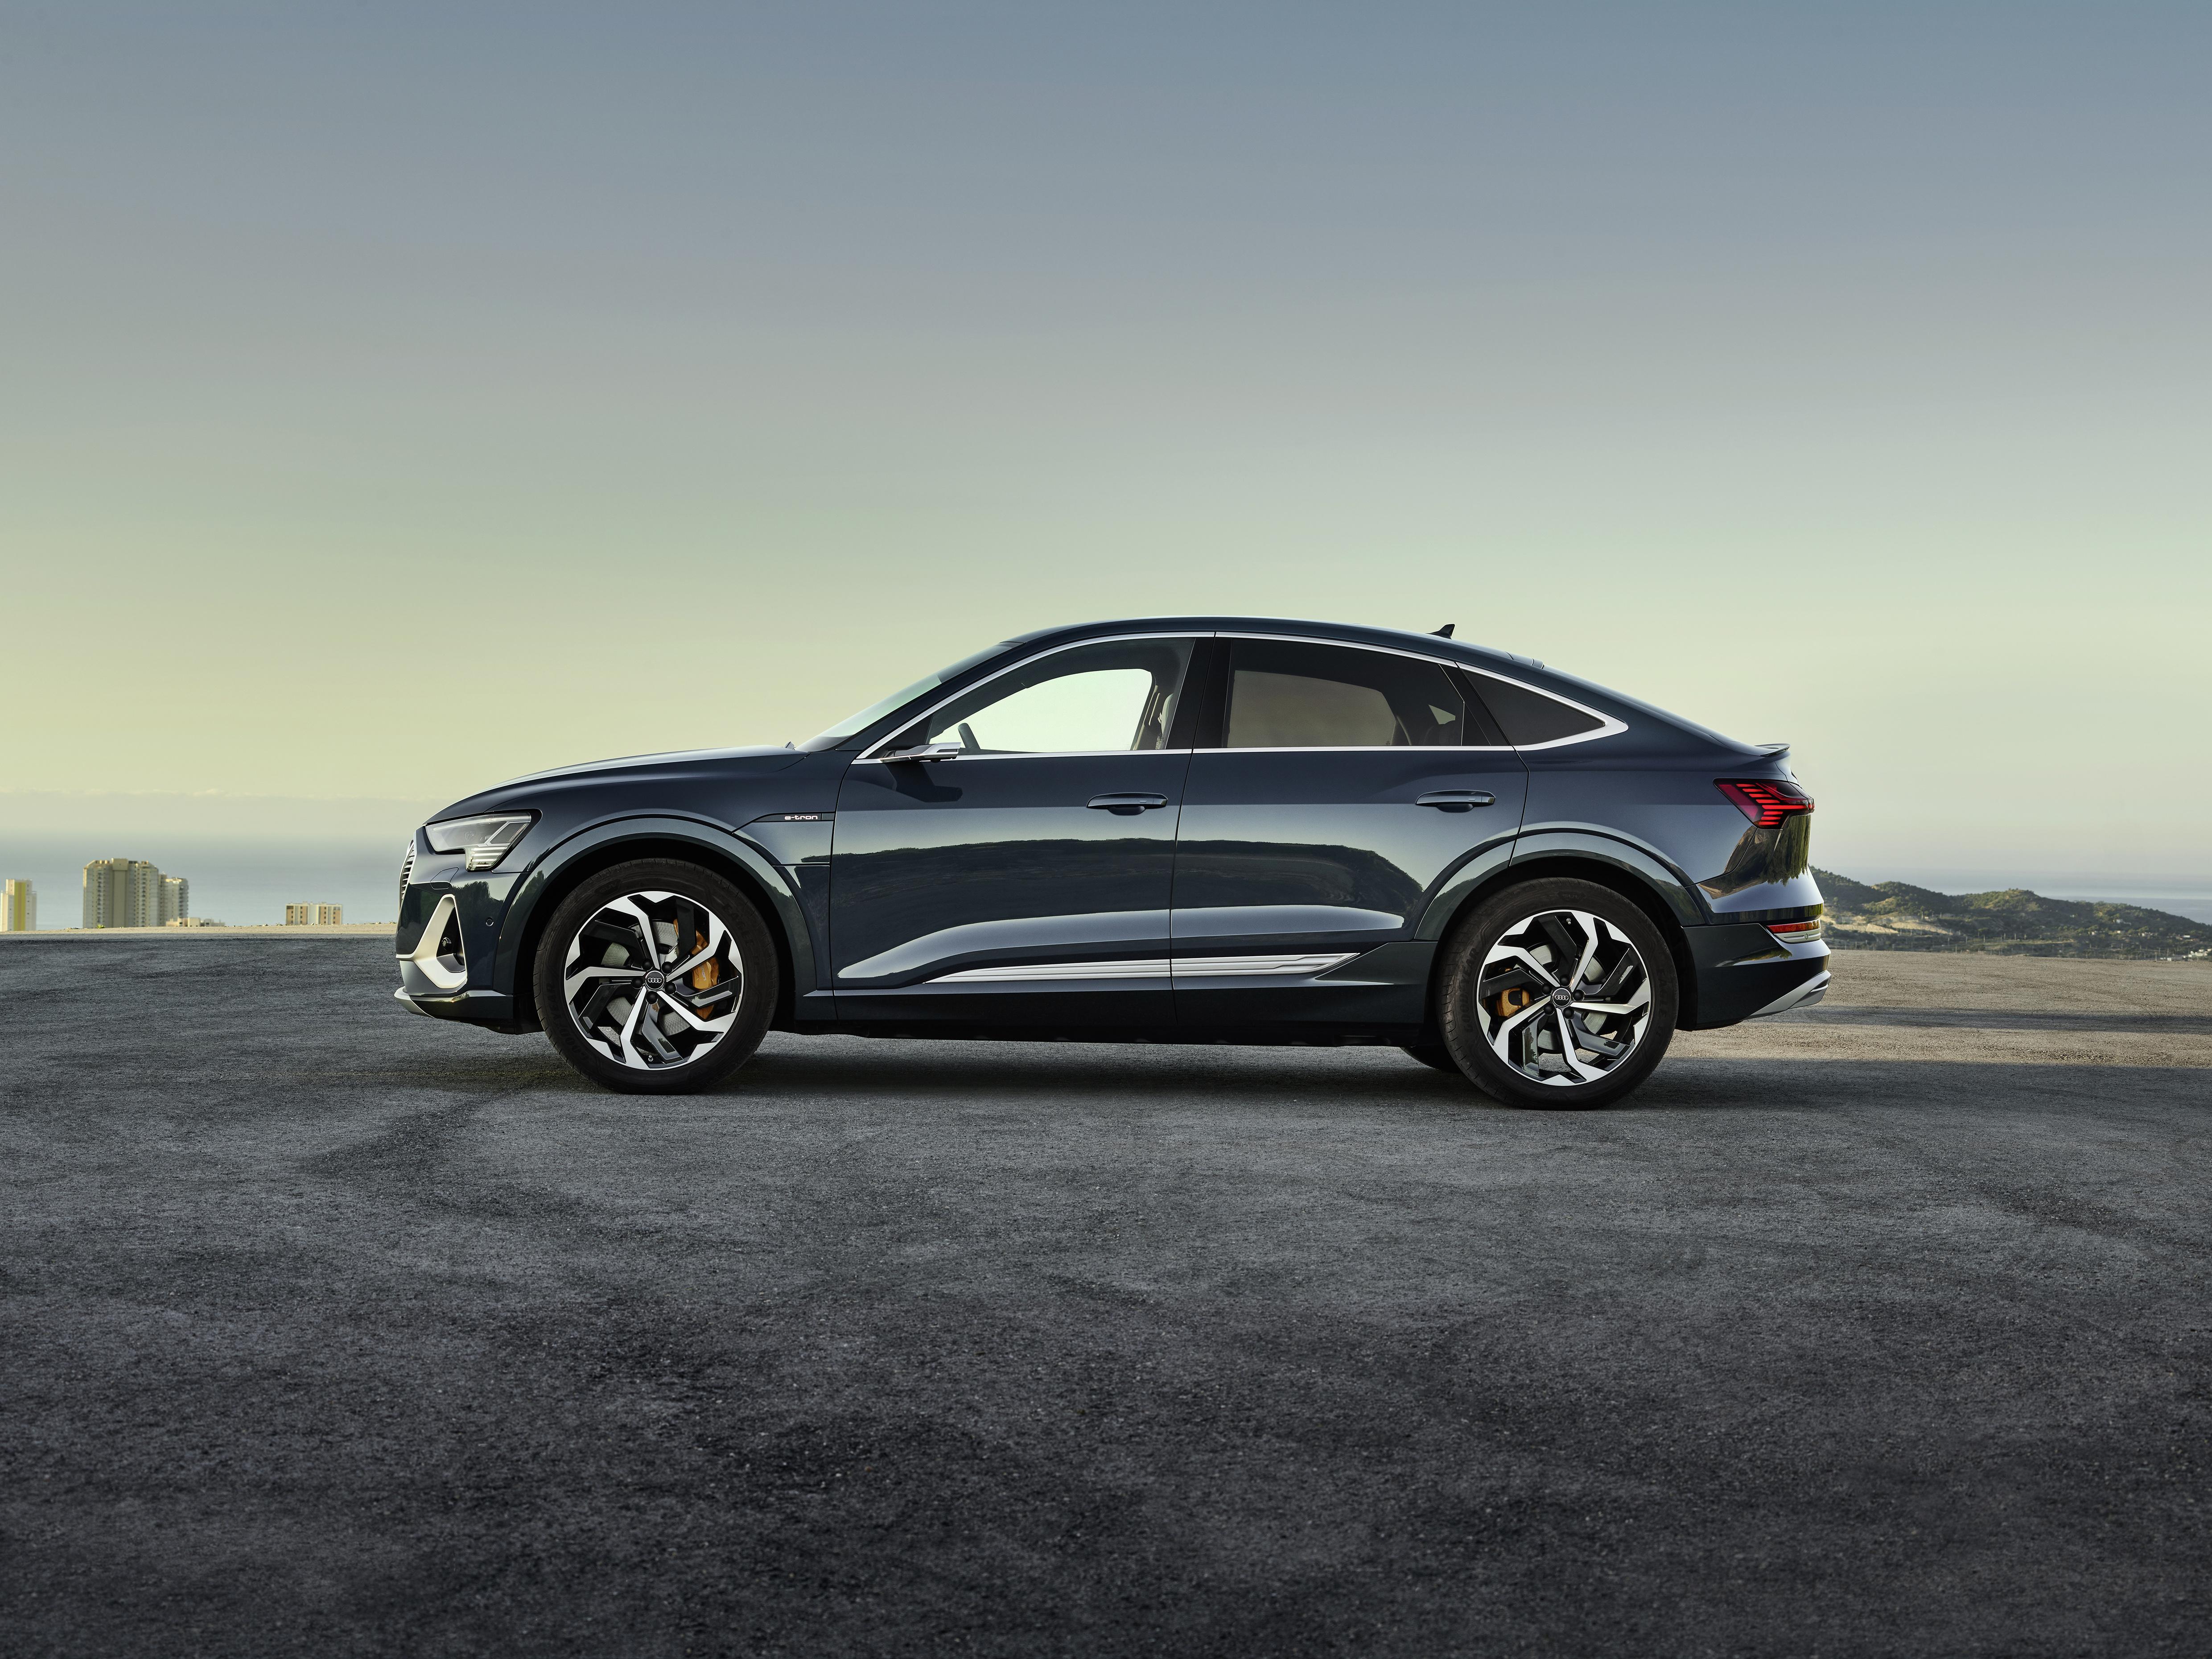 L'Audi e-tron Sportback dans la couleur exclusive Bleu Plasma Métallisé. (AUDI)